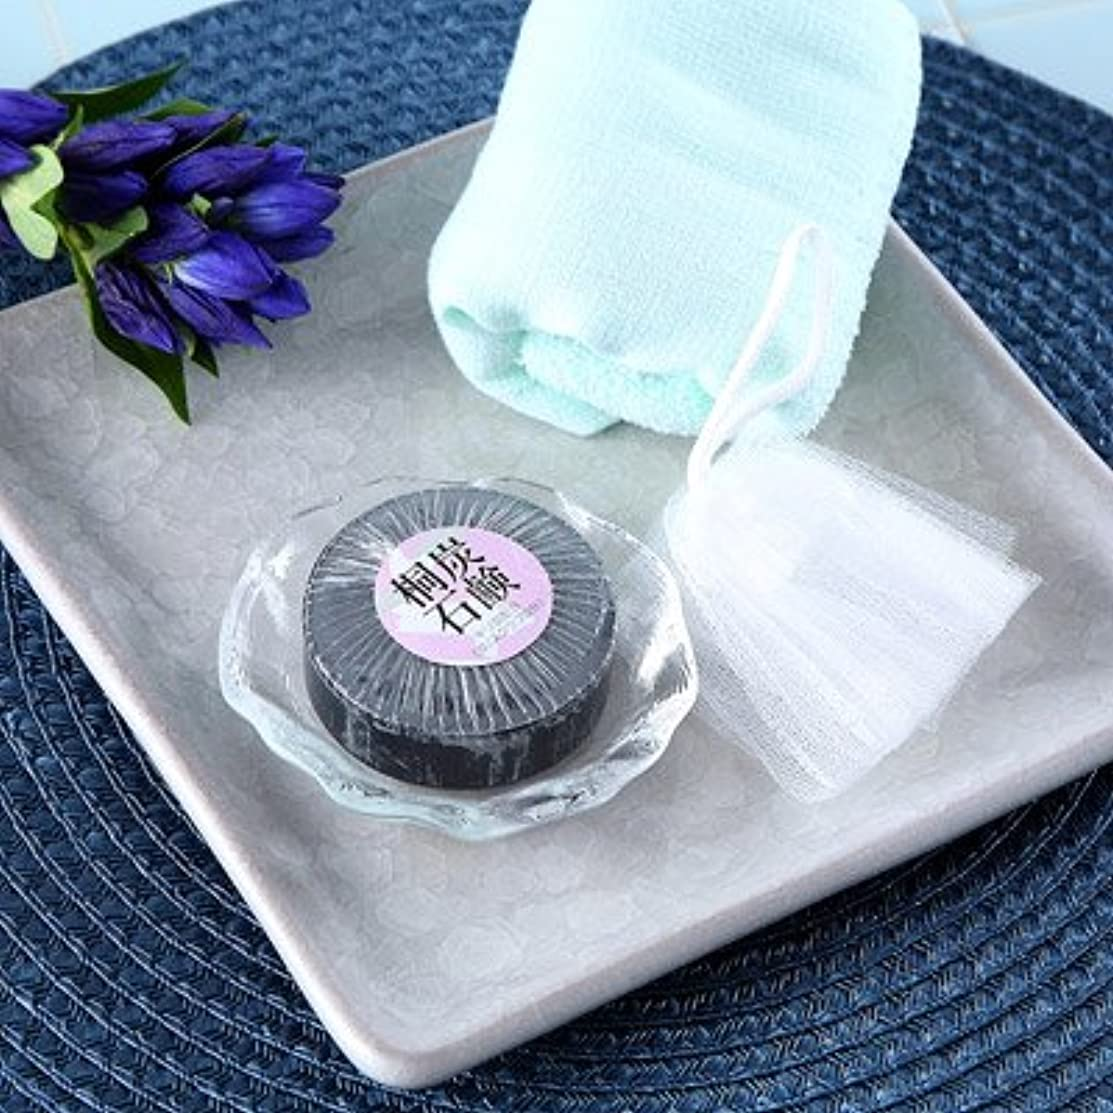 ケープ安らぎオート明治33年創業の桐製品の老舗が贈る お肌にやさしい桐炭石鹸